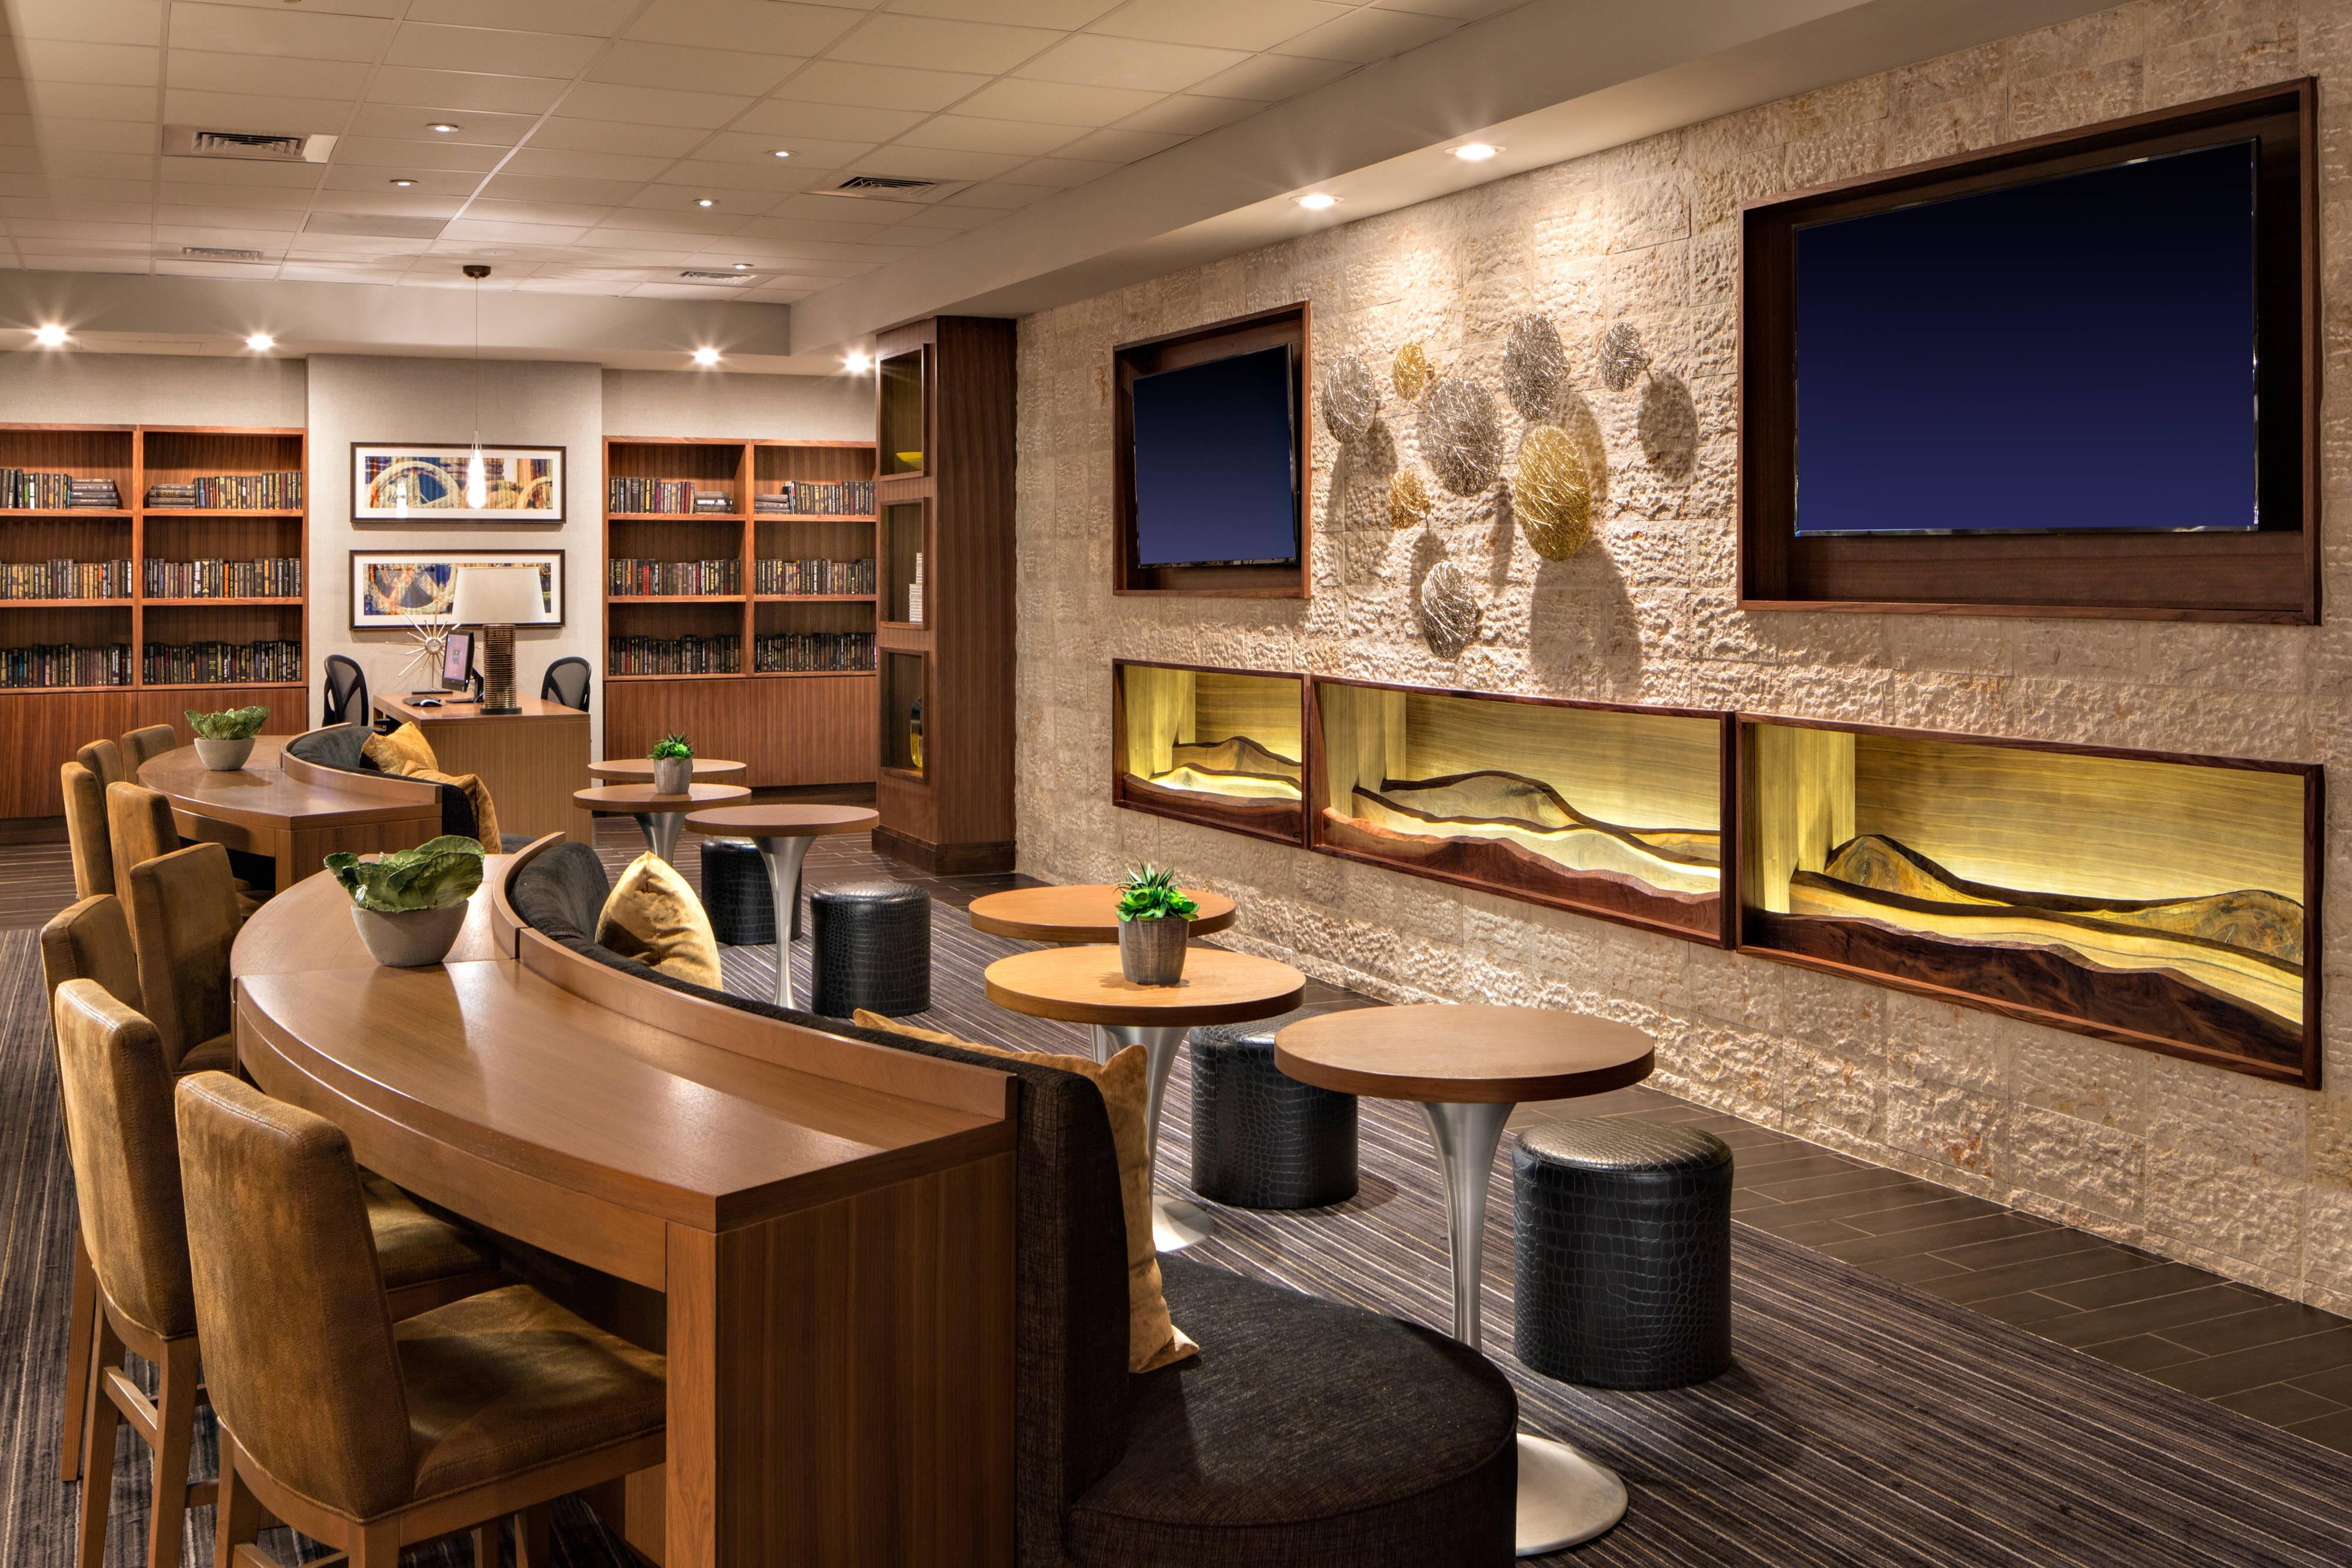 M Club - Lounge Seating